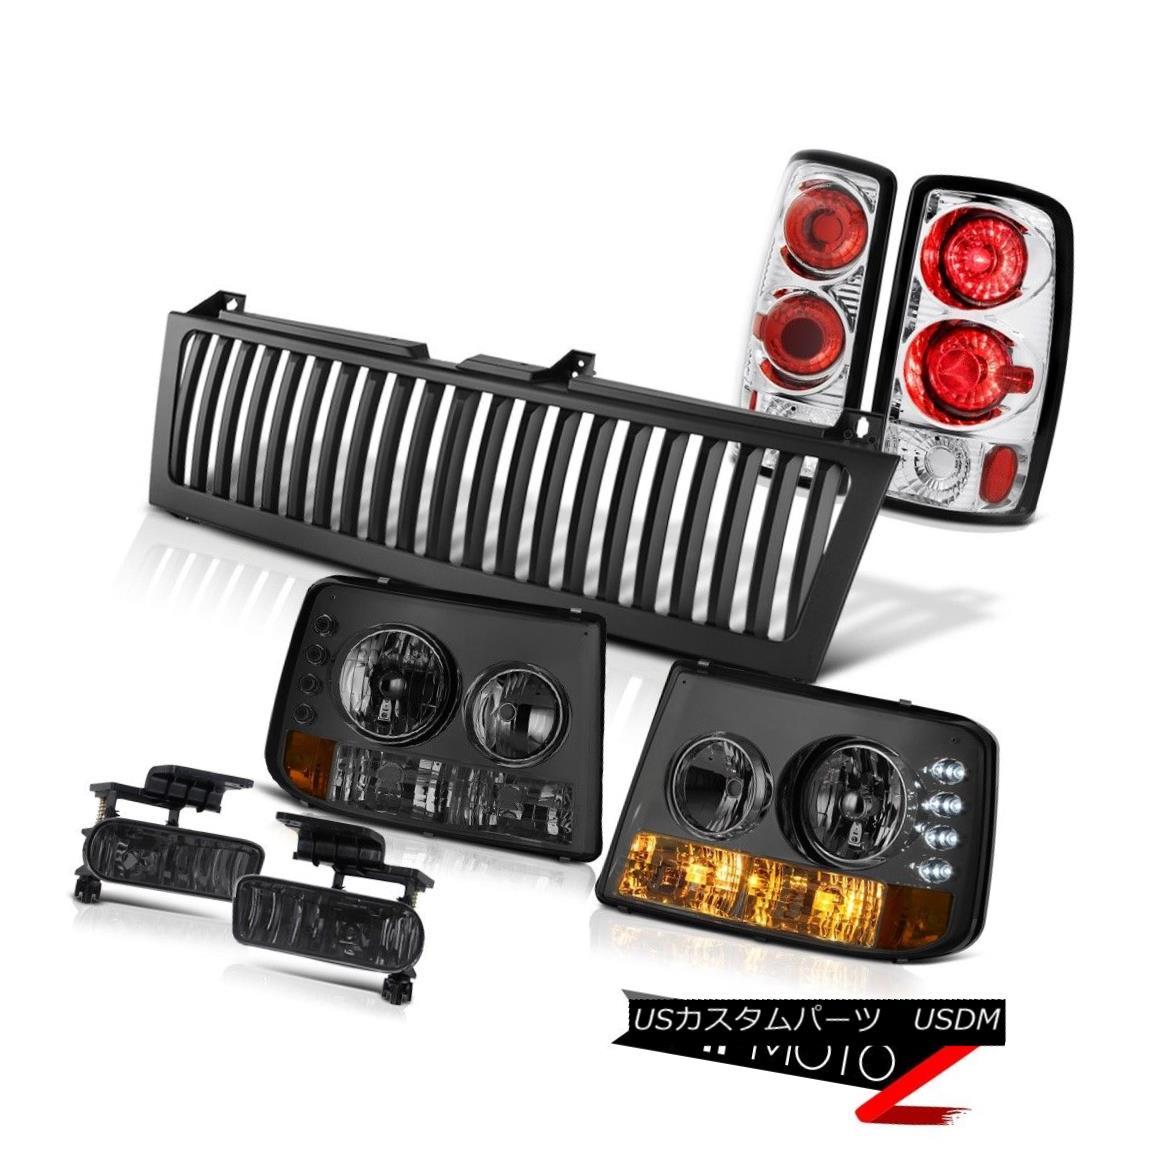 テールライト 00 01 02 03 04 05 06 Suburban Headlight Reverse Brake Tail Lamp Smoke Fog Grille 00 01 02 03 04 05 06郊外ヘッドライトリバースブレーキテールランプスモークフォググリル